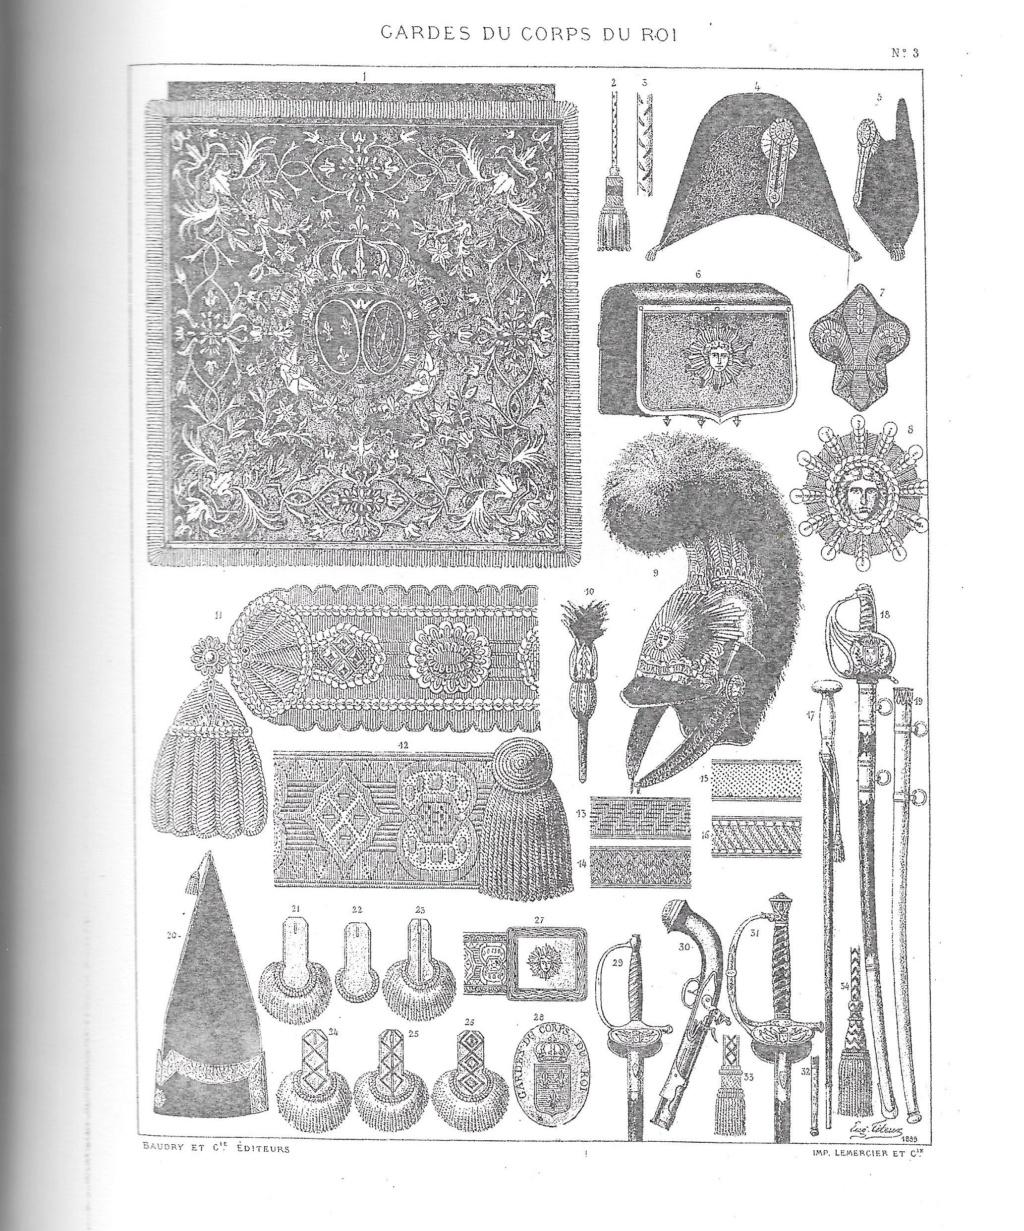 Sabres d'officier matriculés, au Modèle 1822 de ligne : point de situation - Page 3 Pl_3_t10